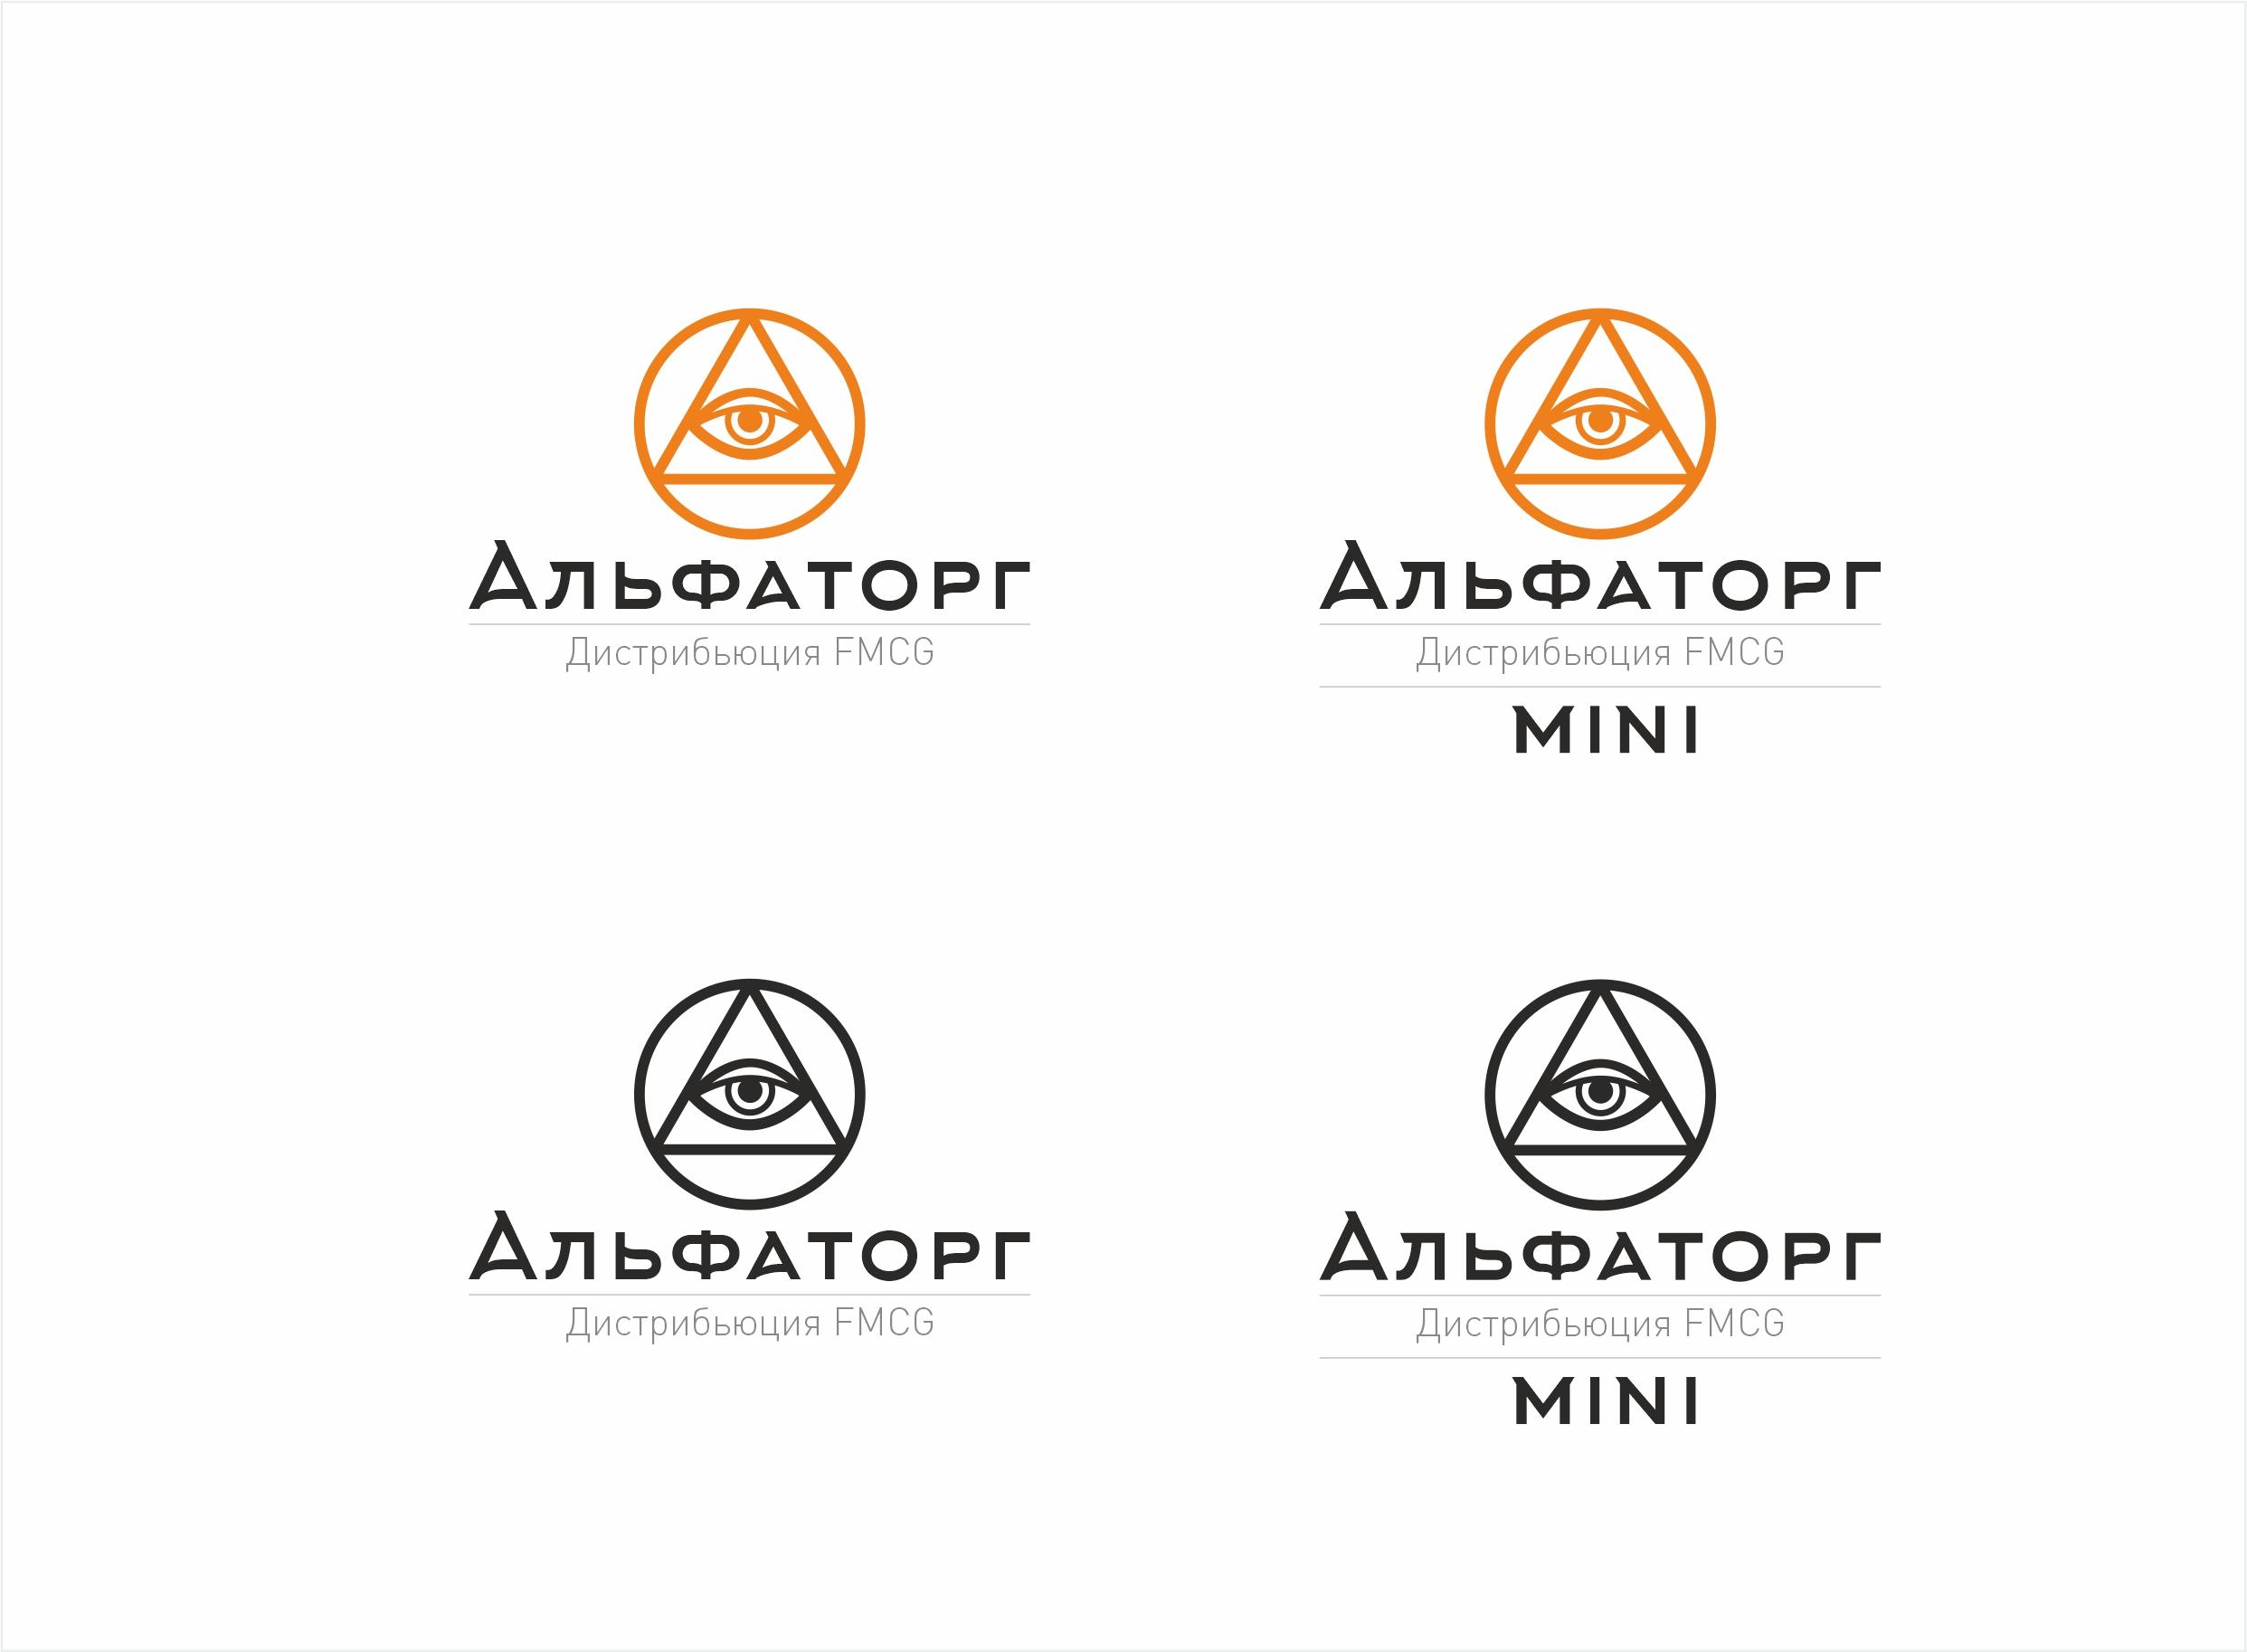 Логотип и фирменный стиль фото f_4445ef96180c7841.jpg